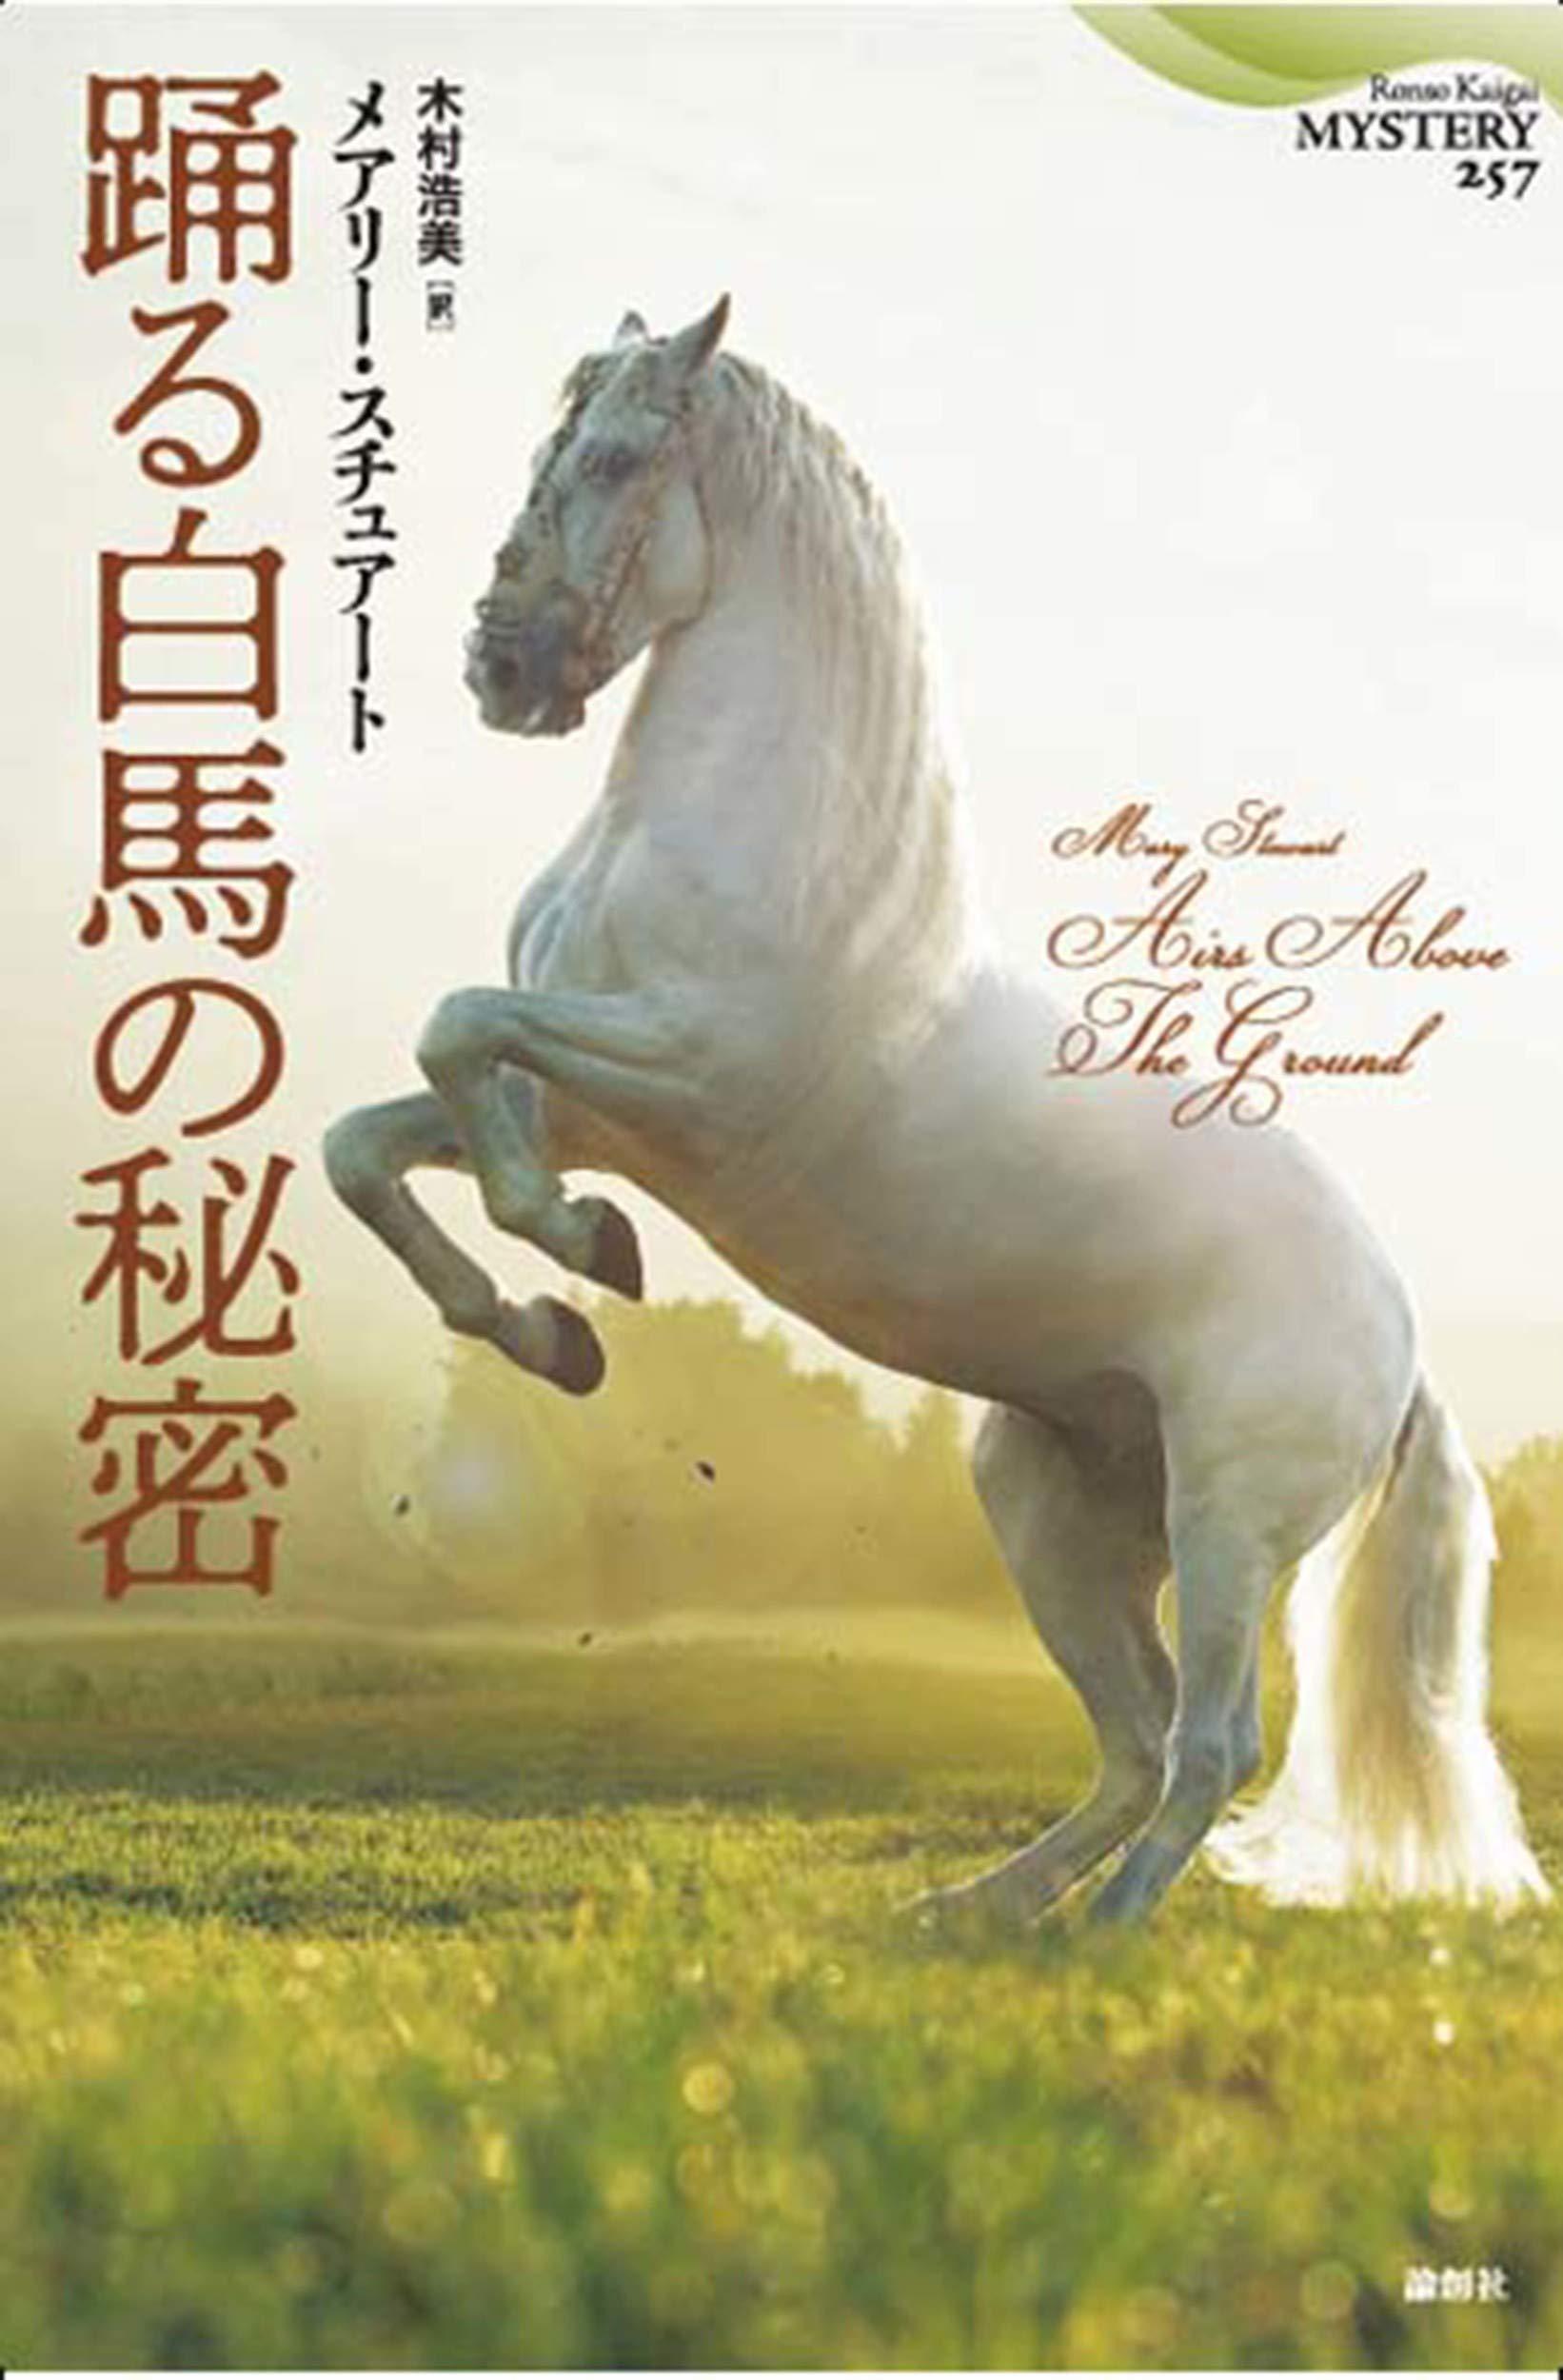 『踊る白馬の秘密』